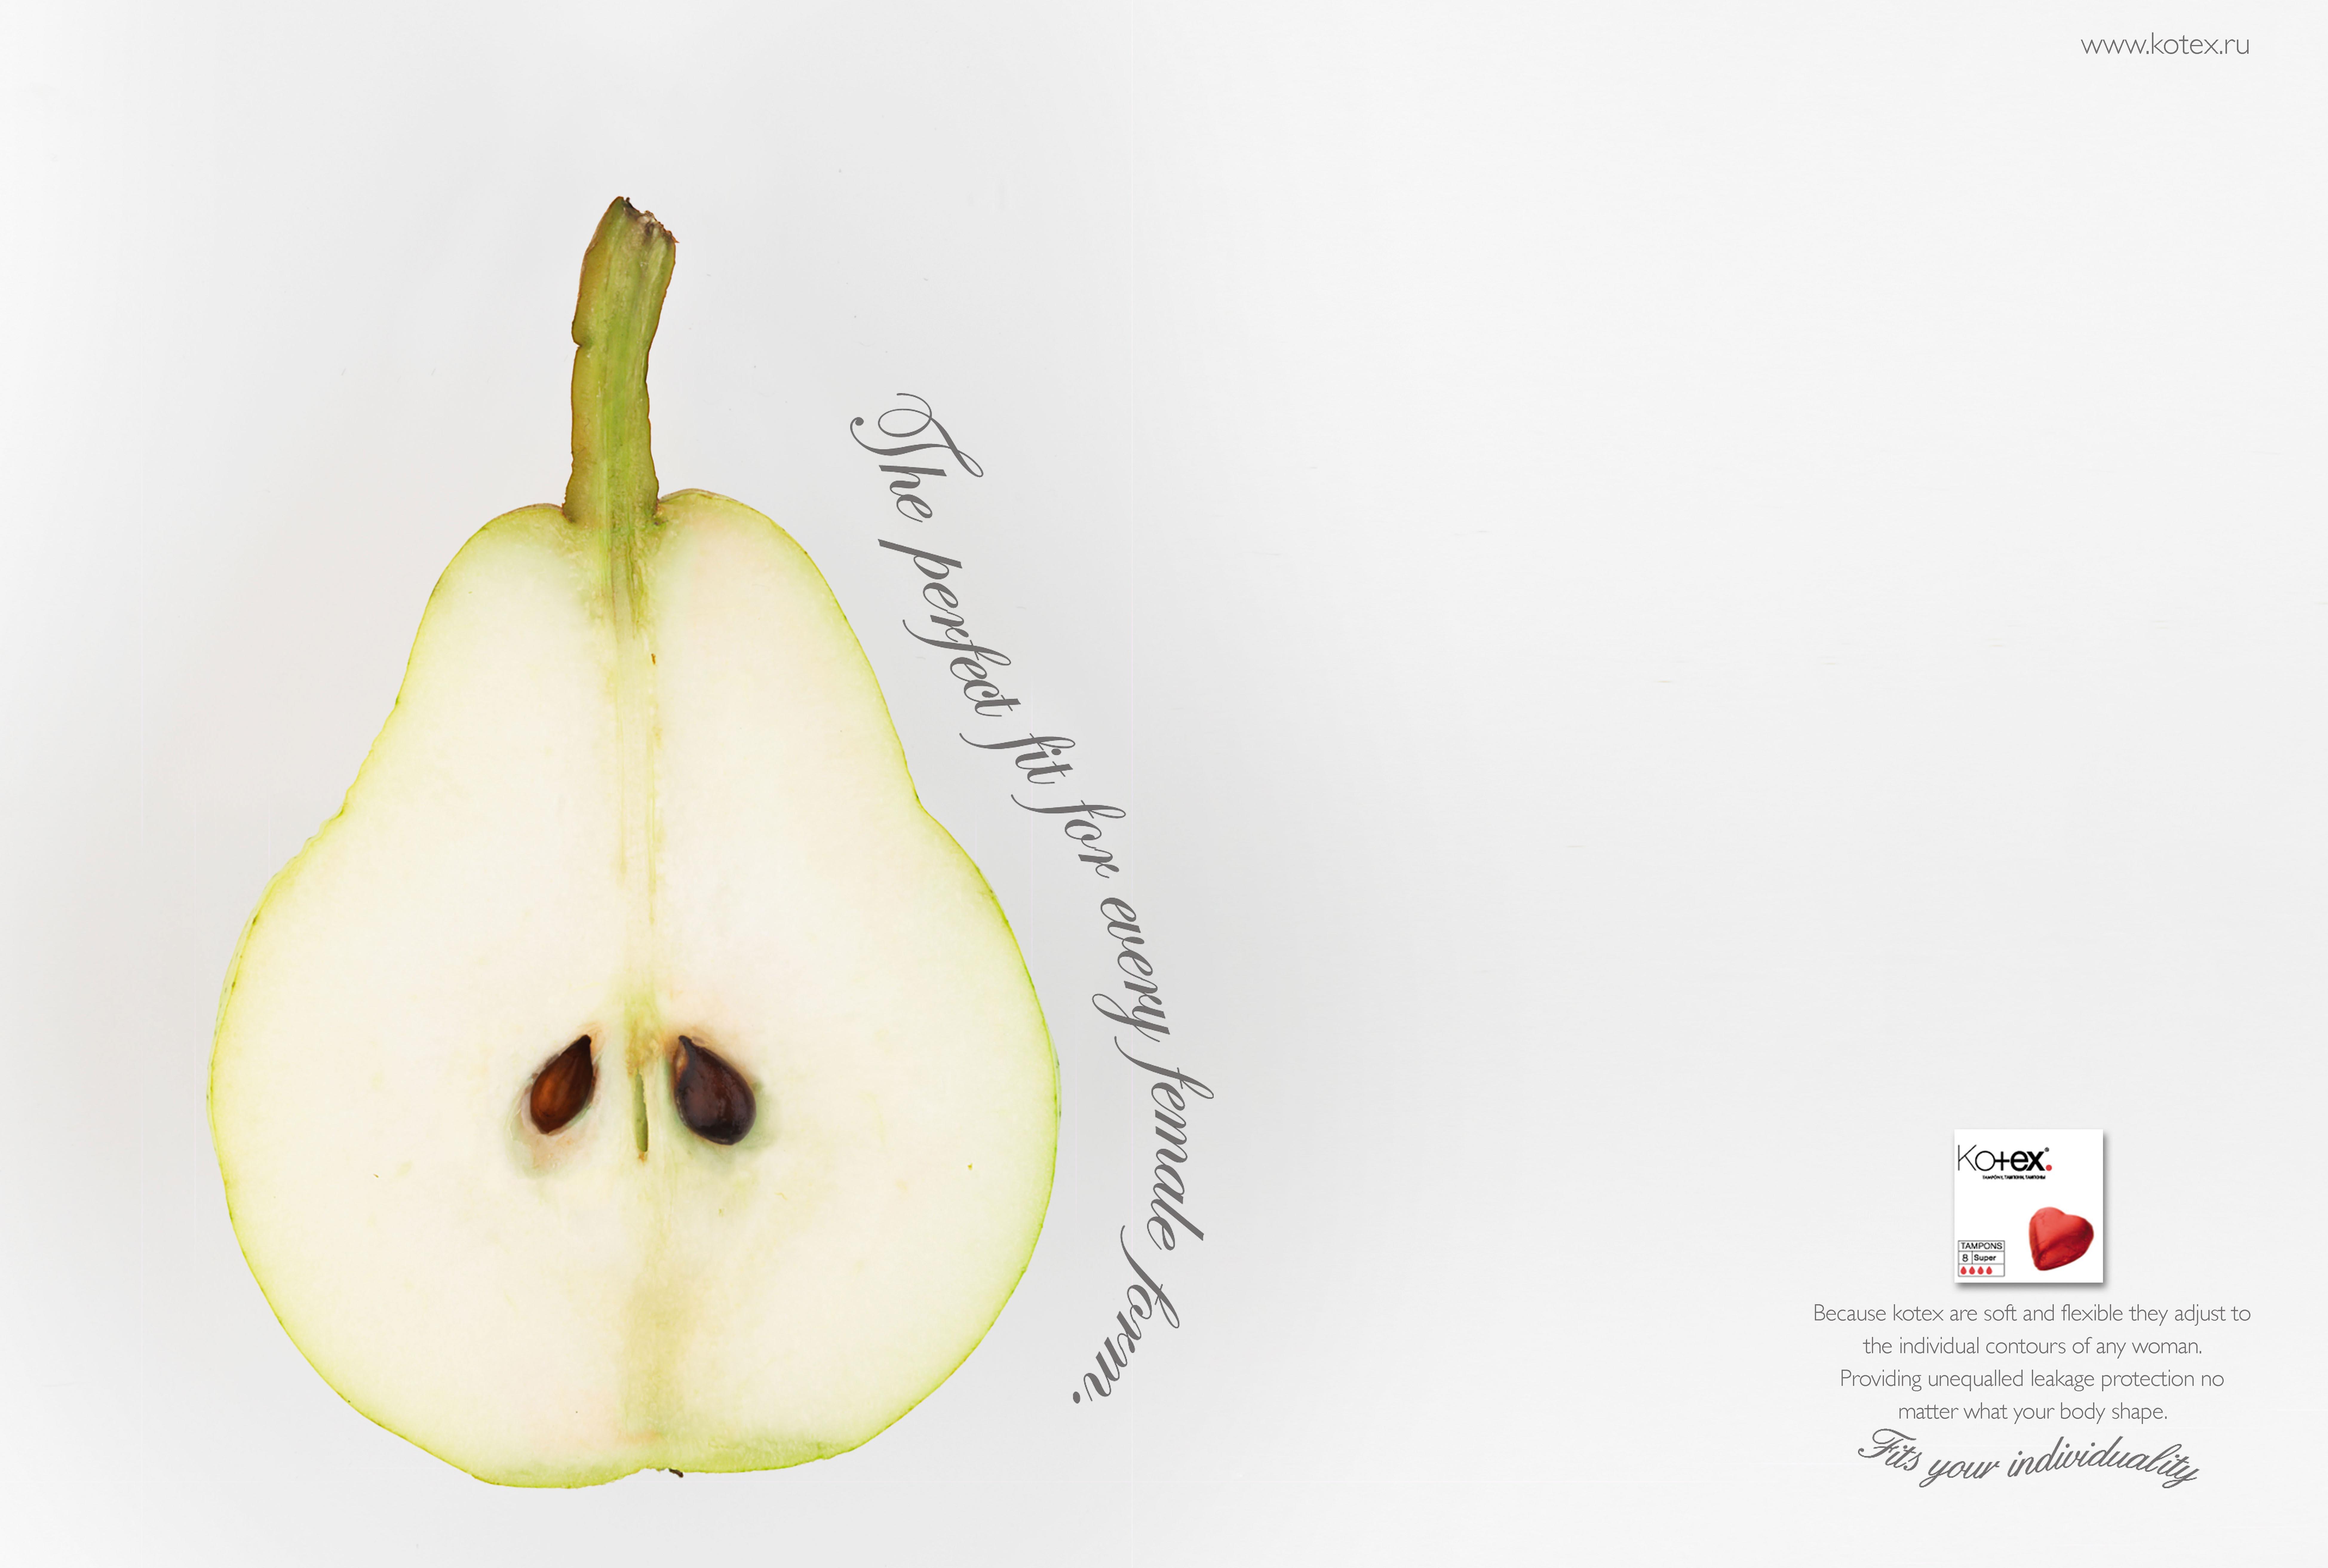 kotex pear wix.jpg